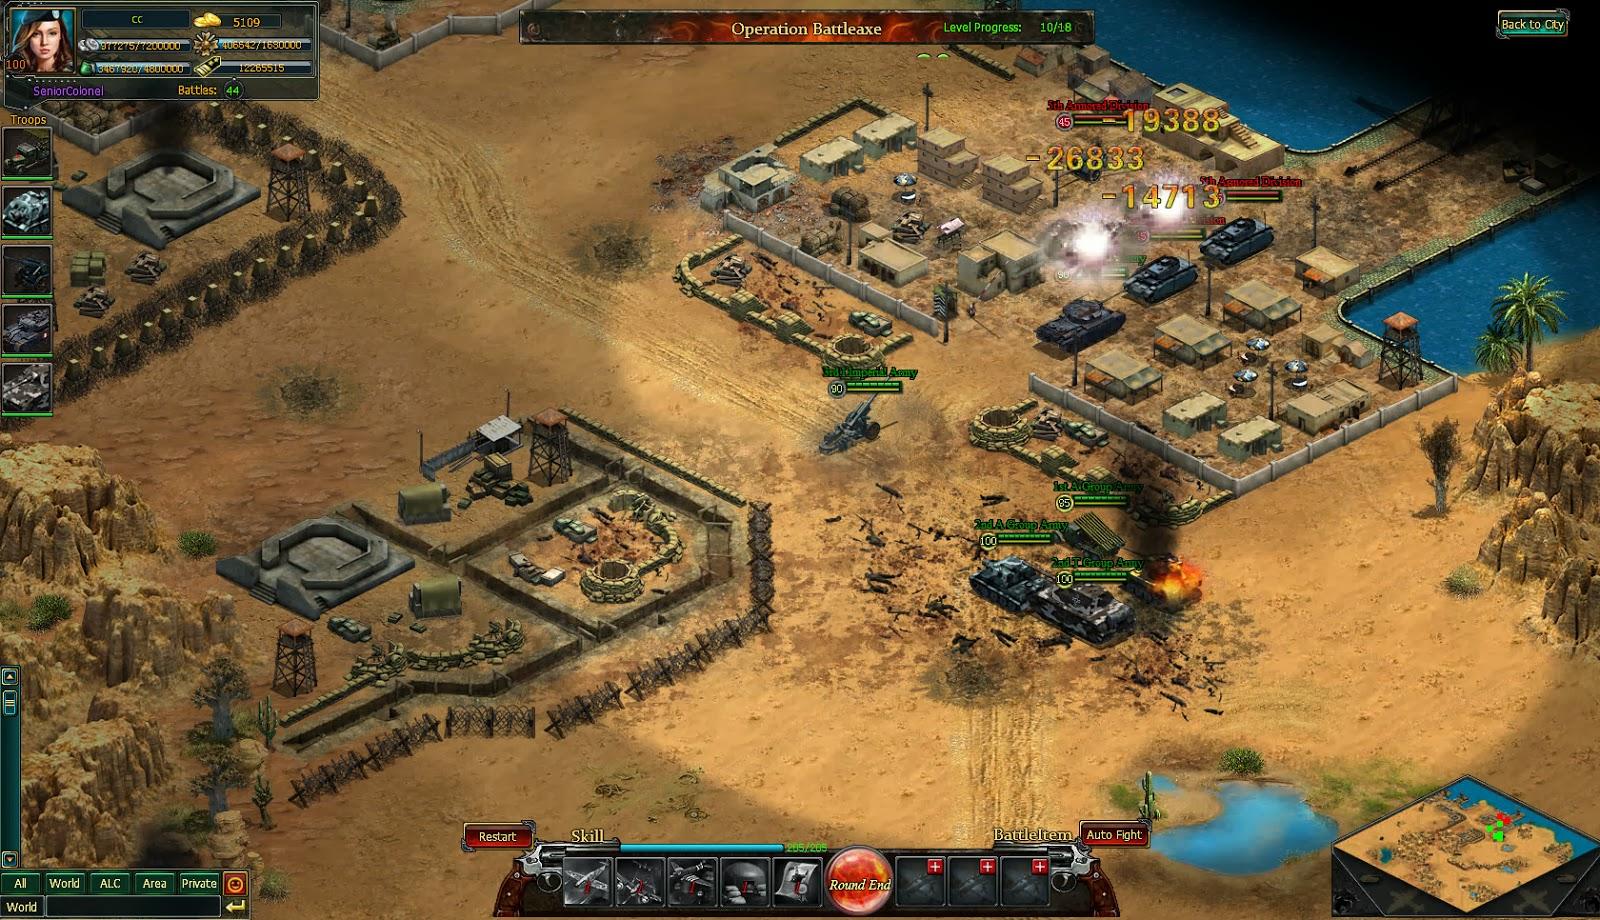 генералы игра стратегия скачать бесплатно через торрент